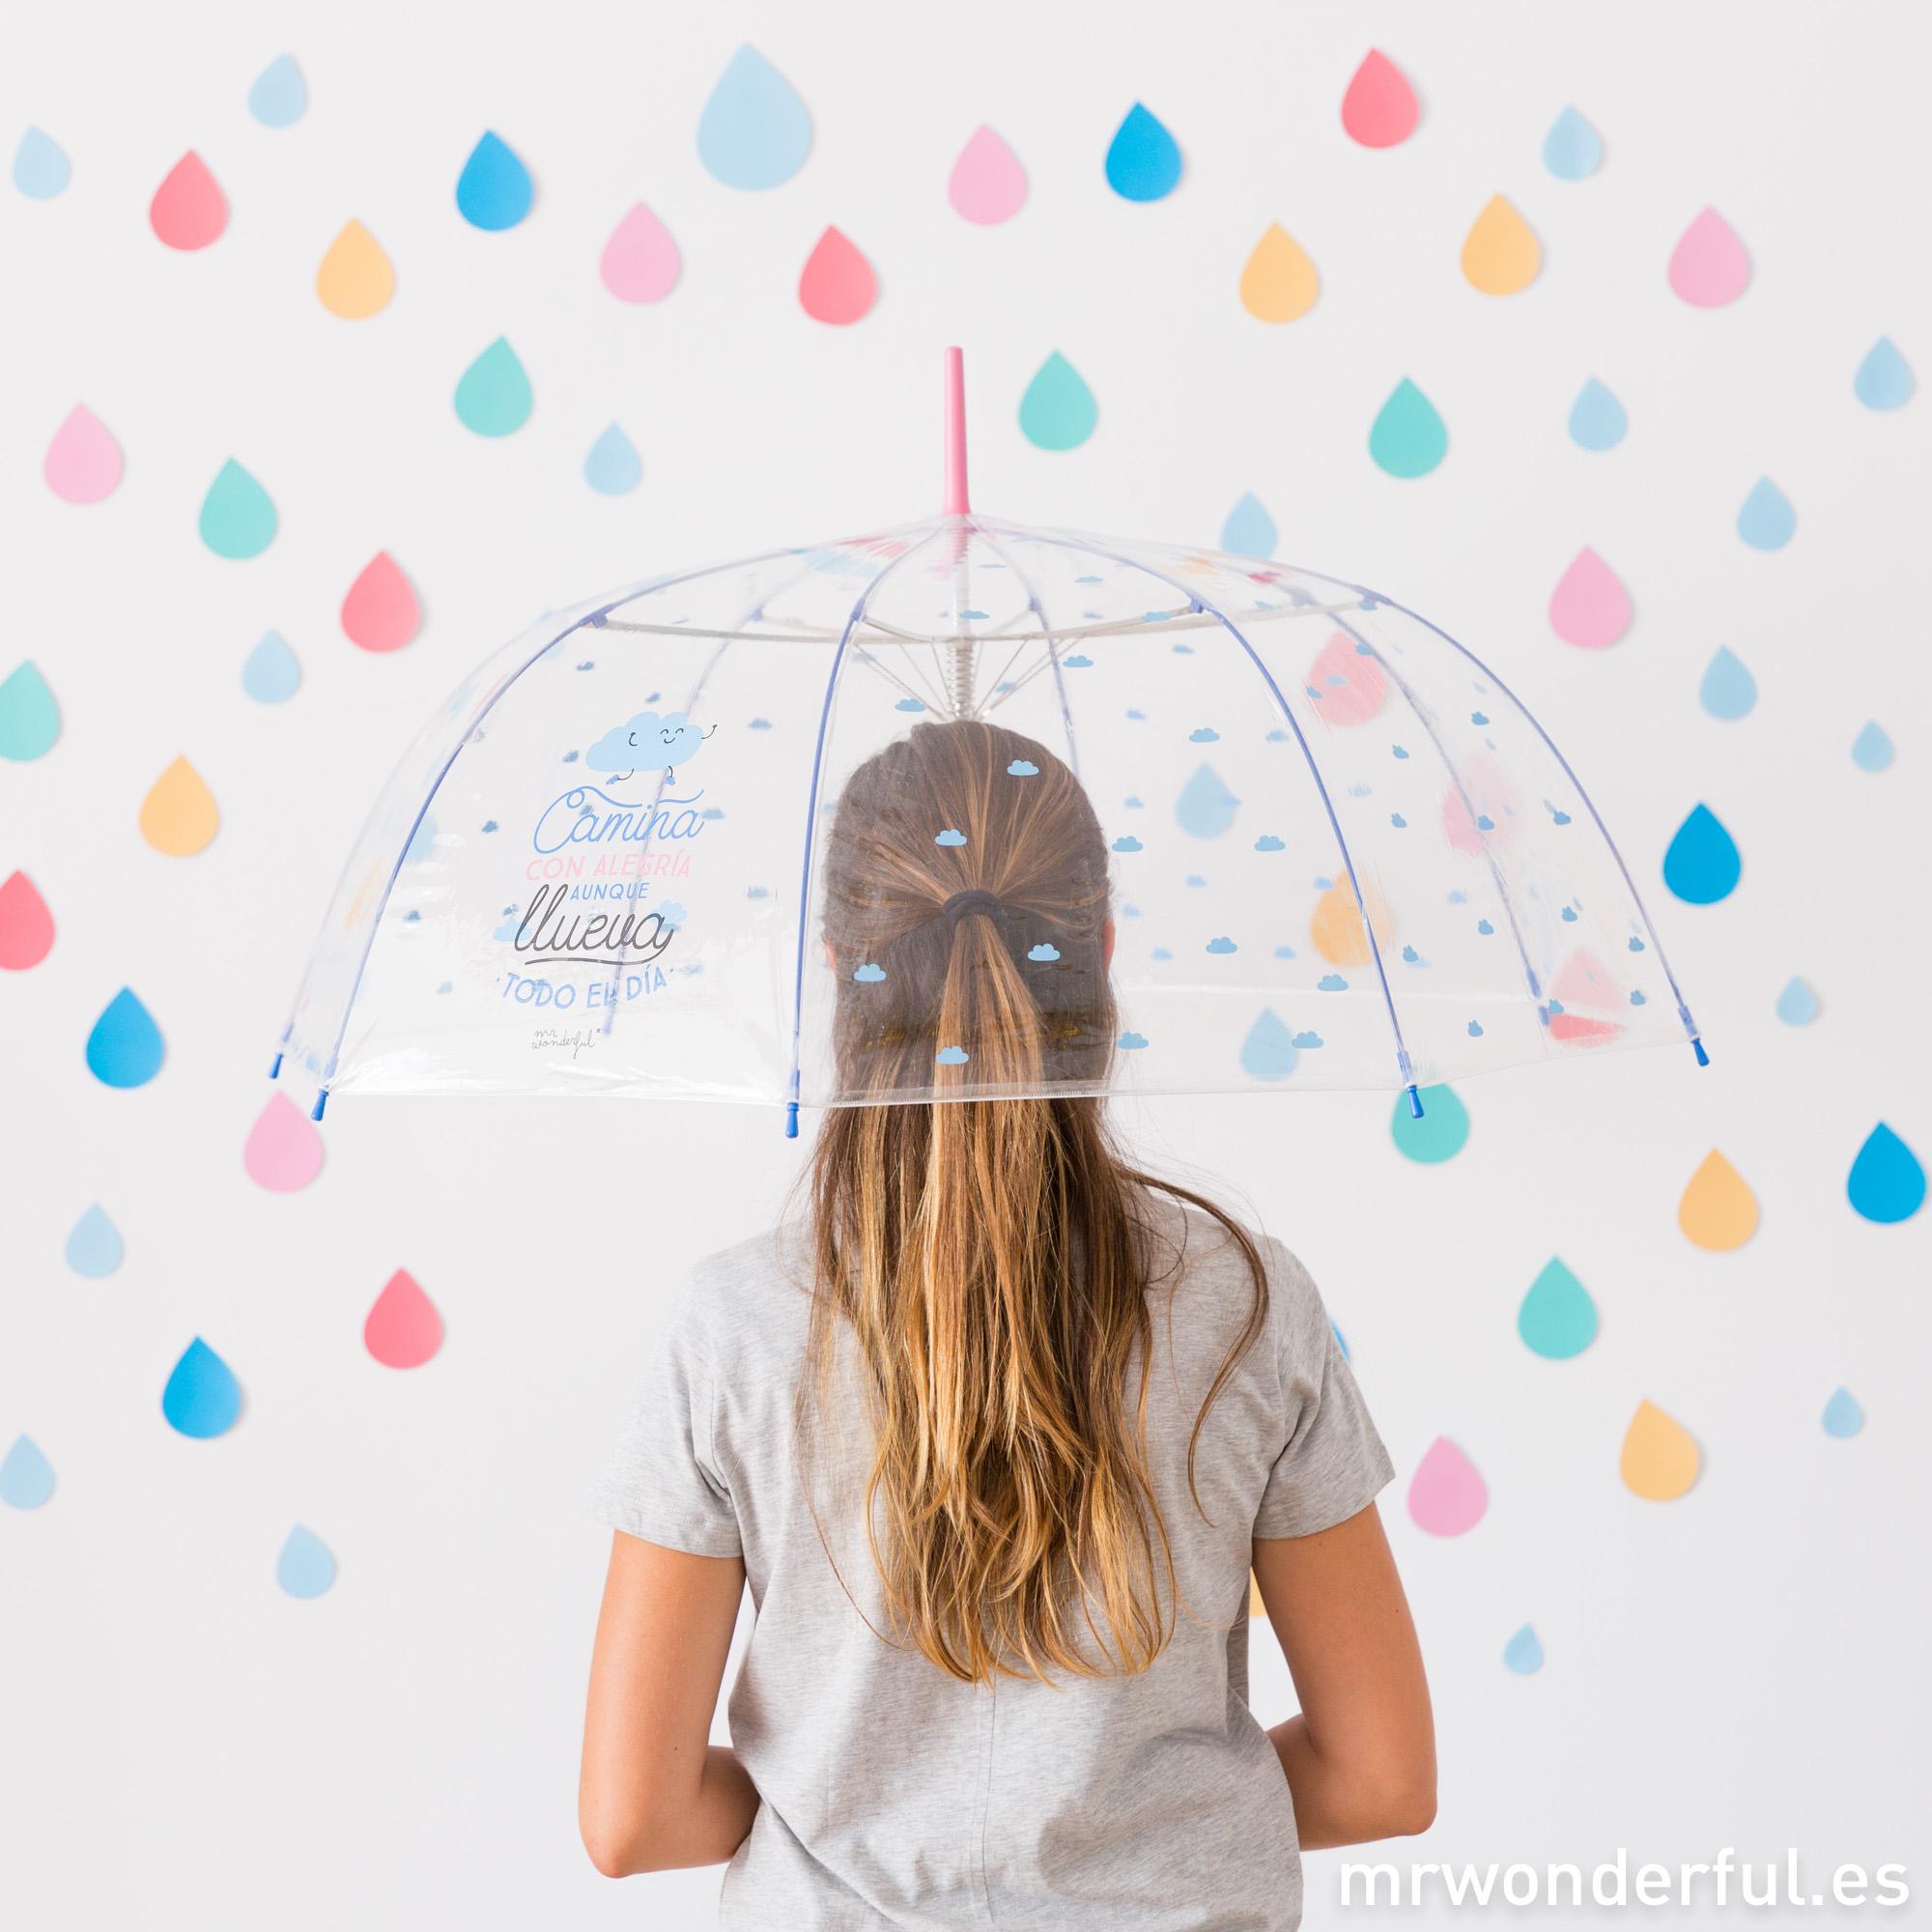 mrwonderful_8435460706834_paraguas_camina-con-alegria-aunque-llueva-todo-el-dia-ES-1